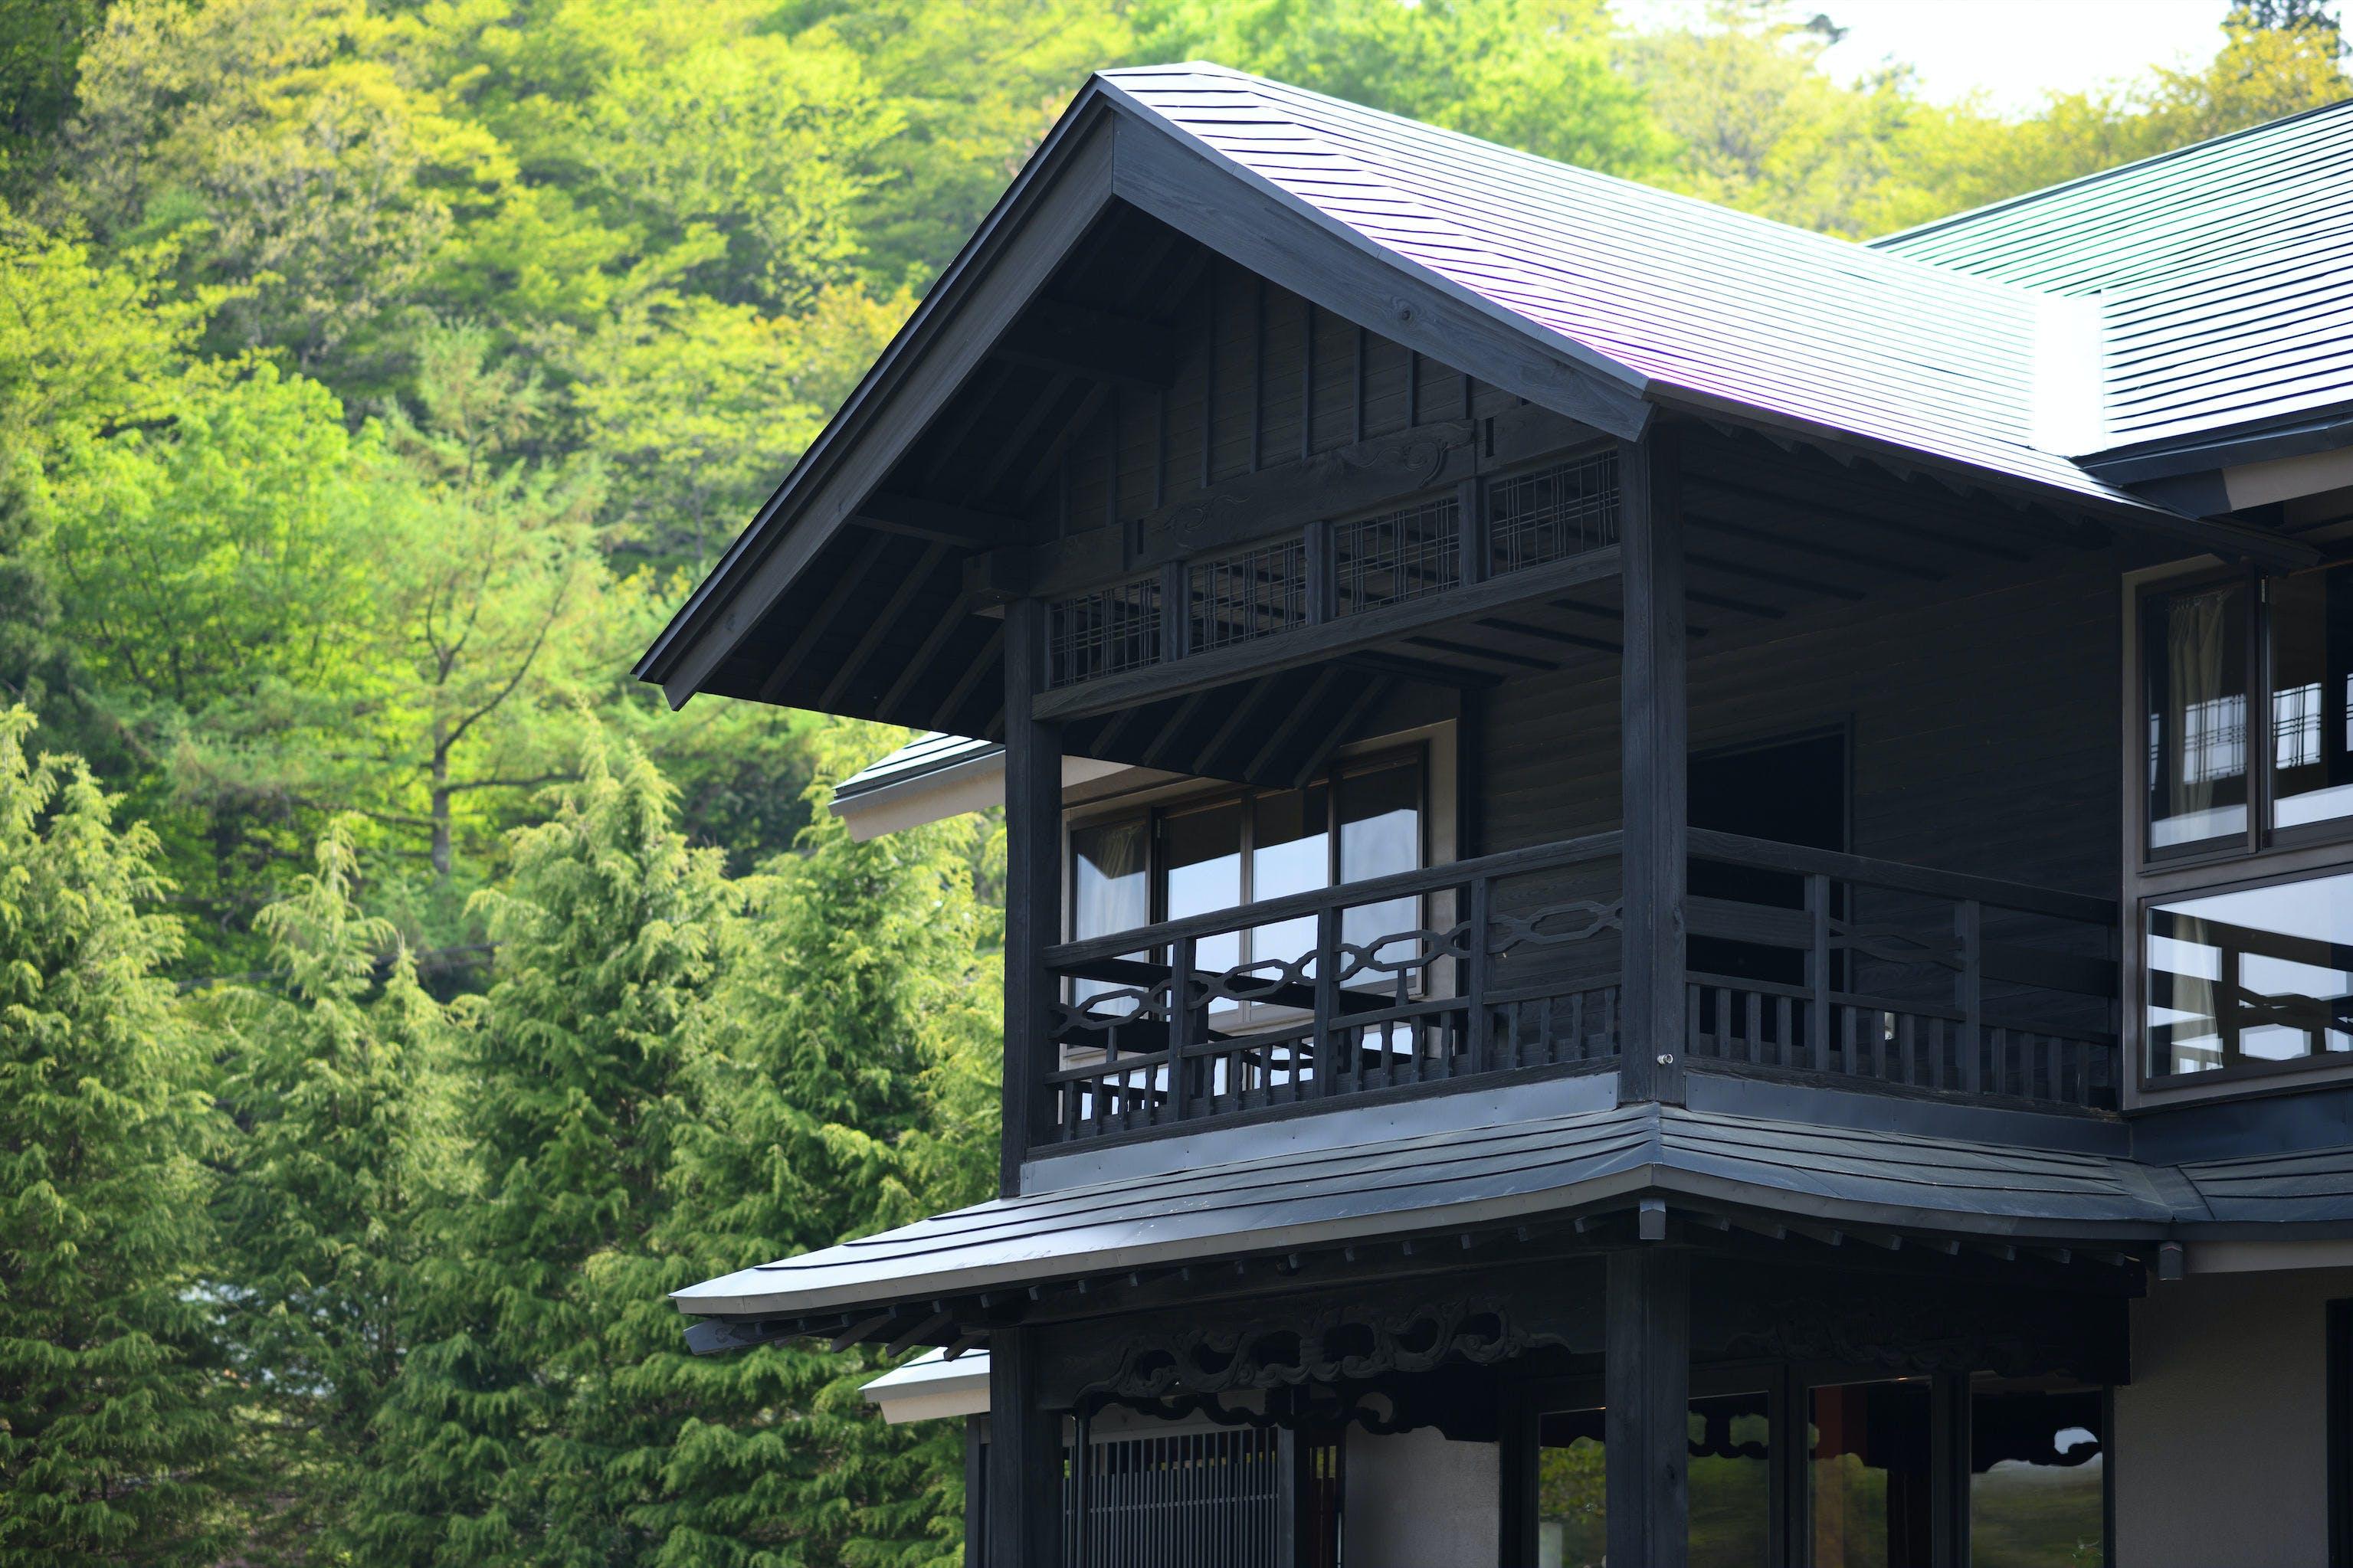 蔵王の山々を望む秘湯で癒される一棟貸切の温泉宿